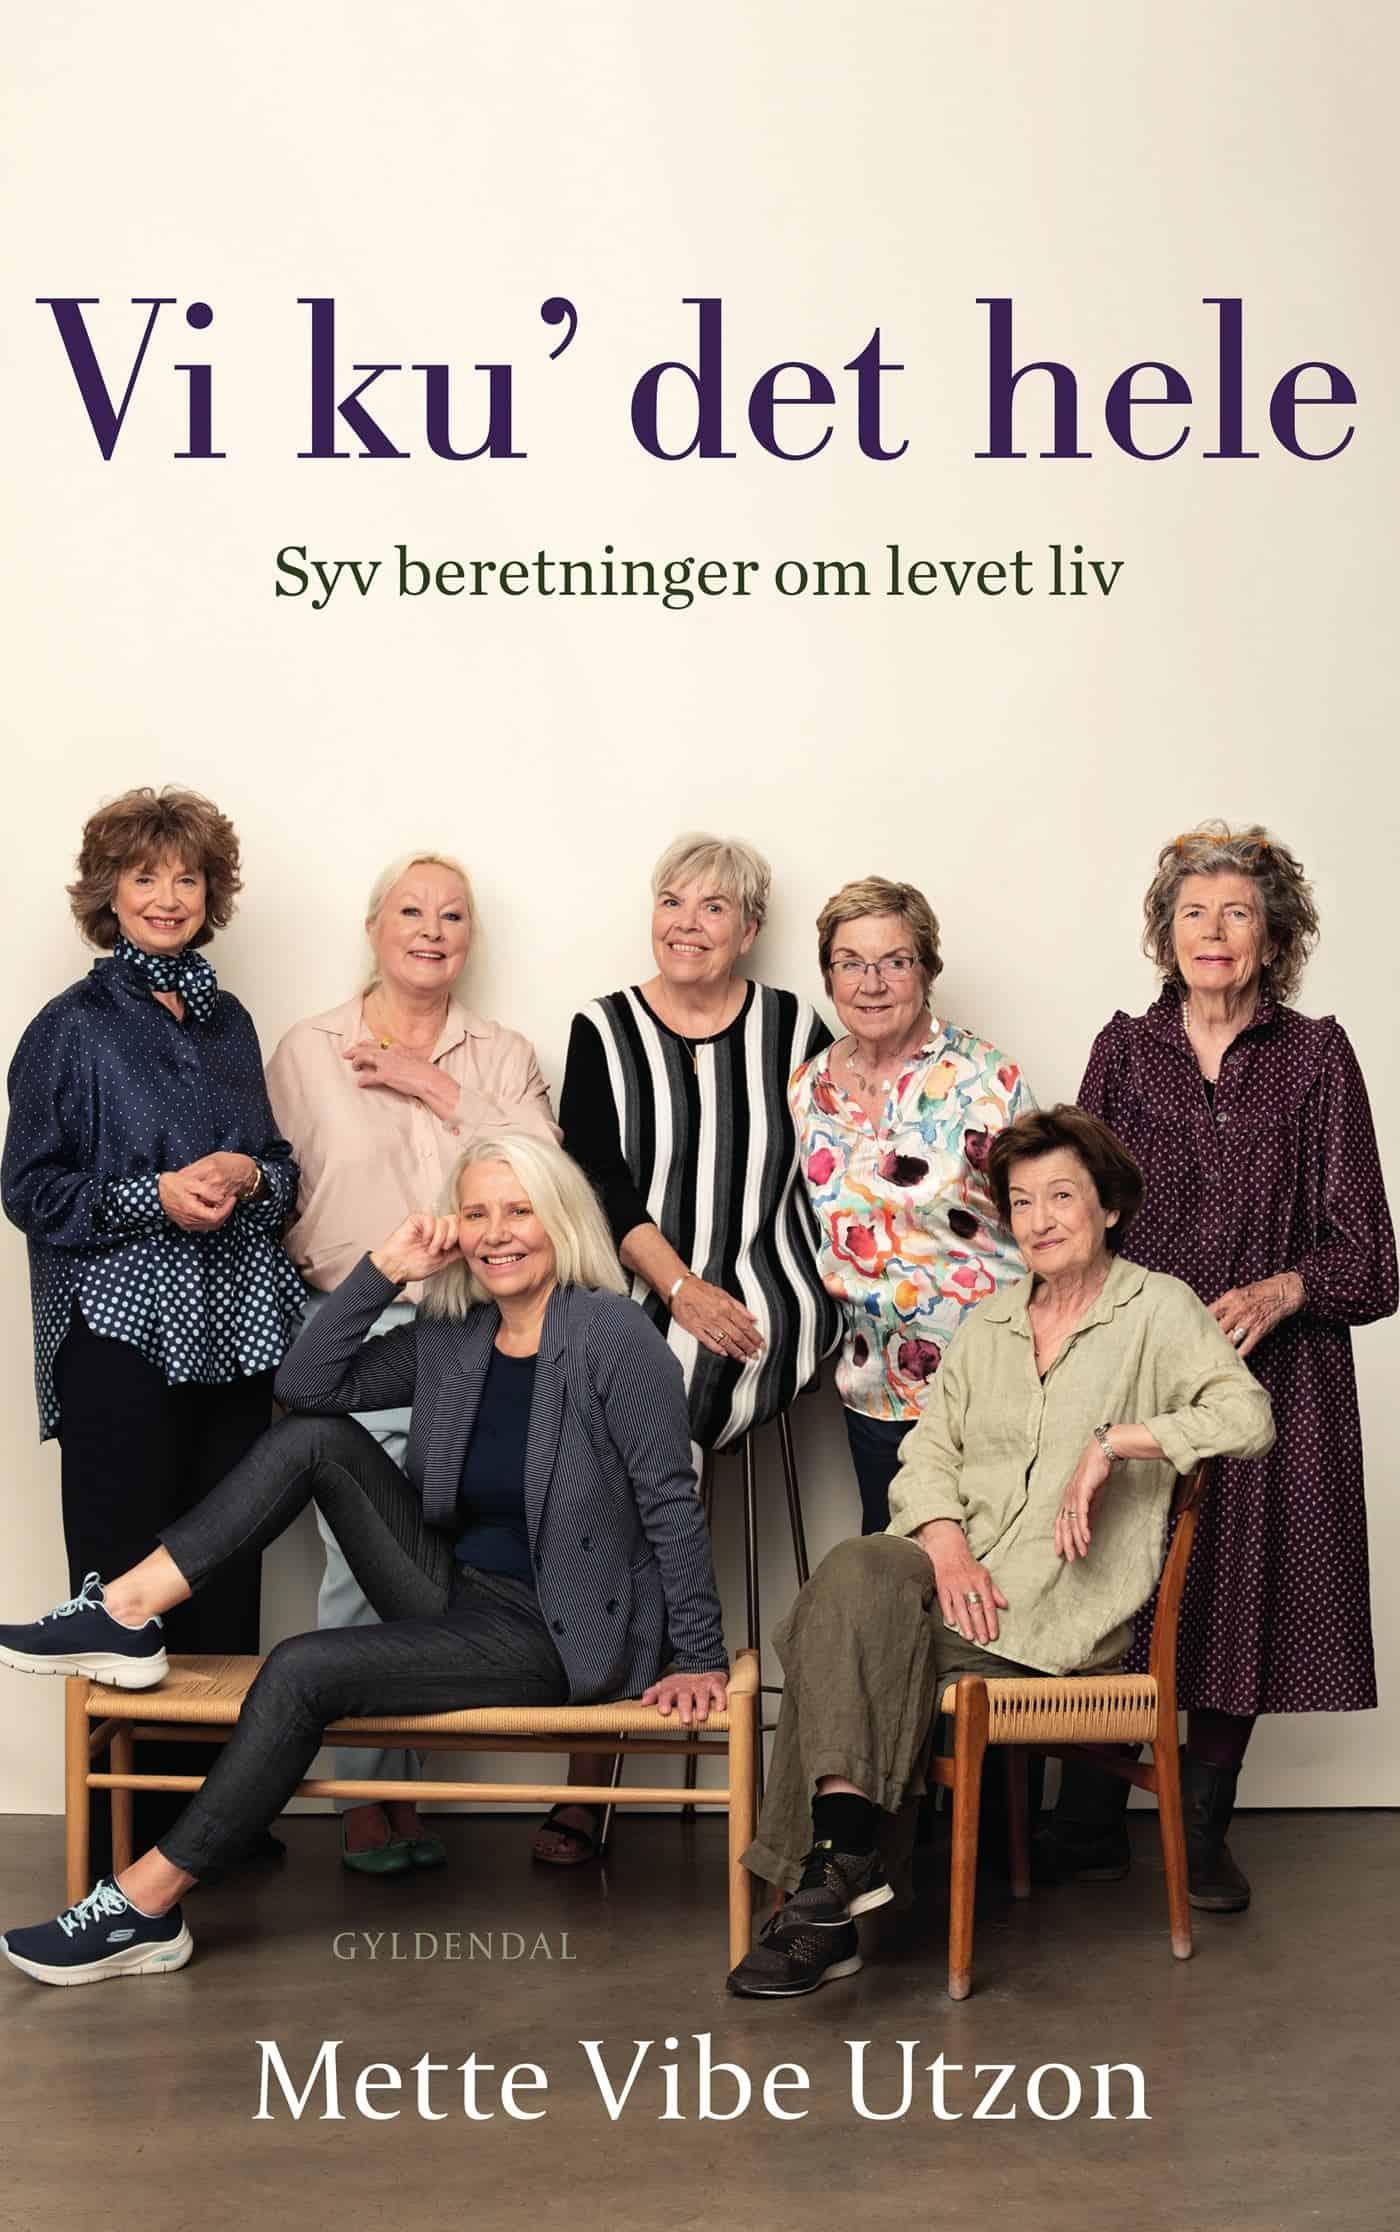 Vi ku´det hele. Syv beretninger om levet liv. Mette Vibe Utzon. Ny bog.